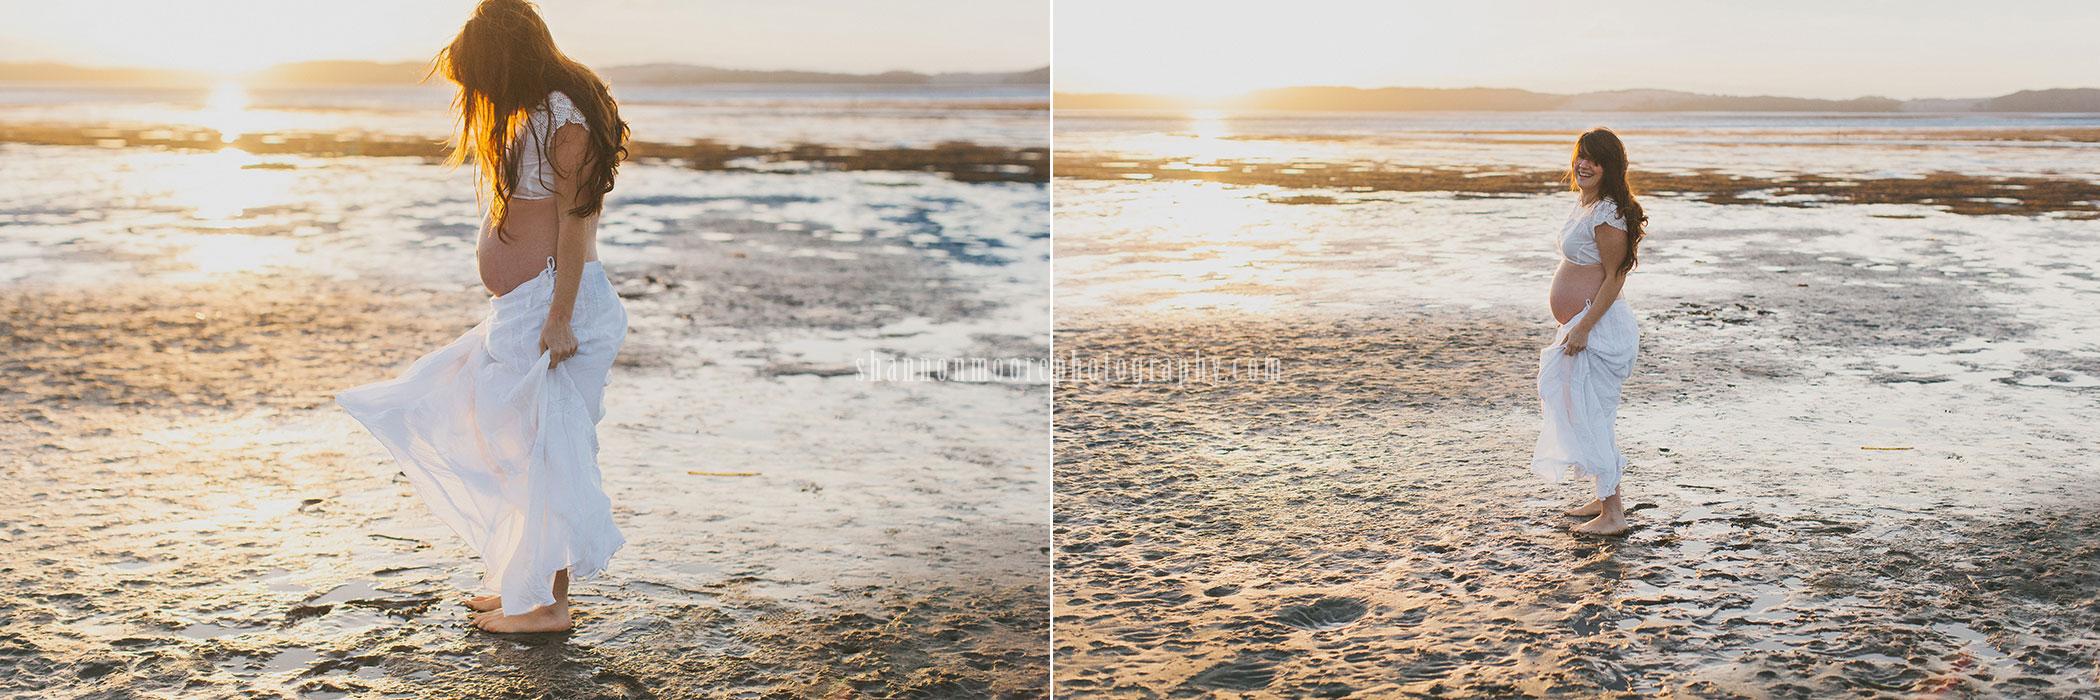 GlazebrookMaternity-06-ShannonMoorePhotography